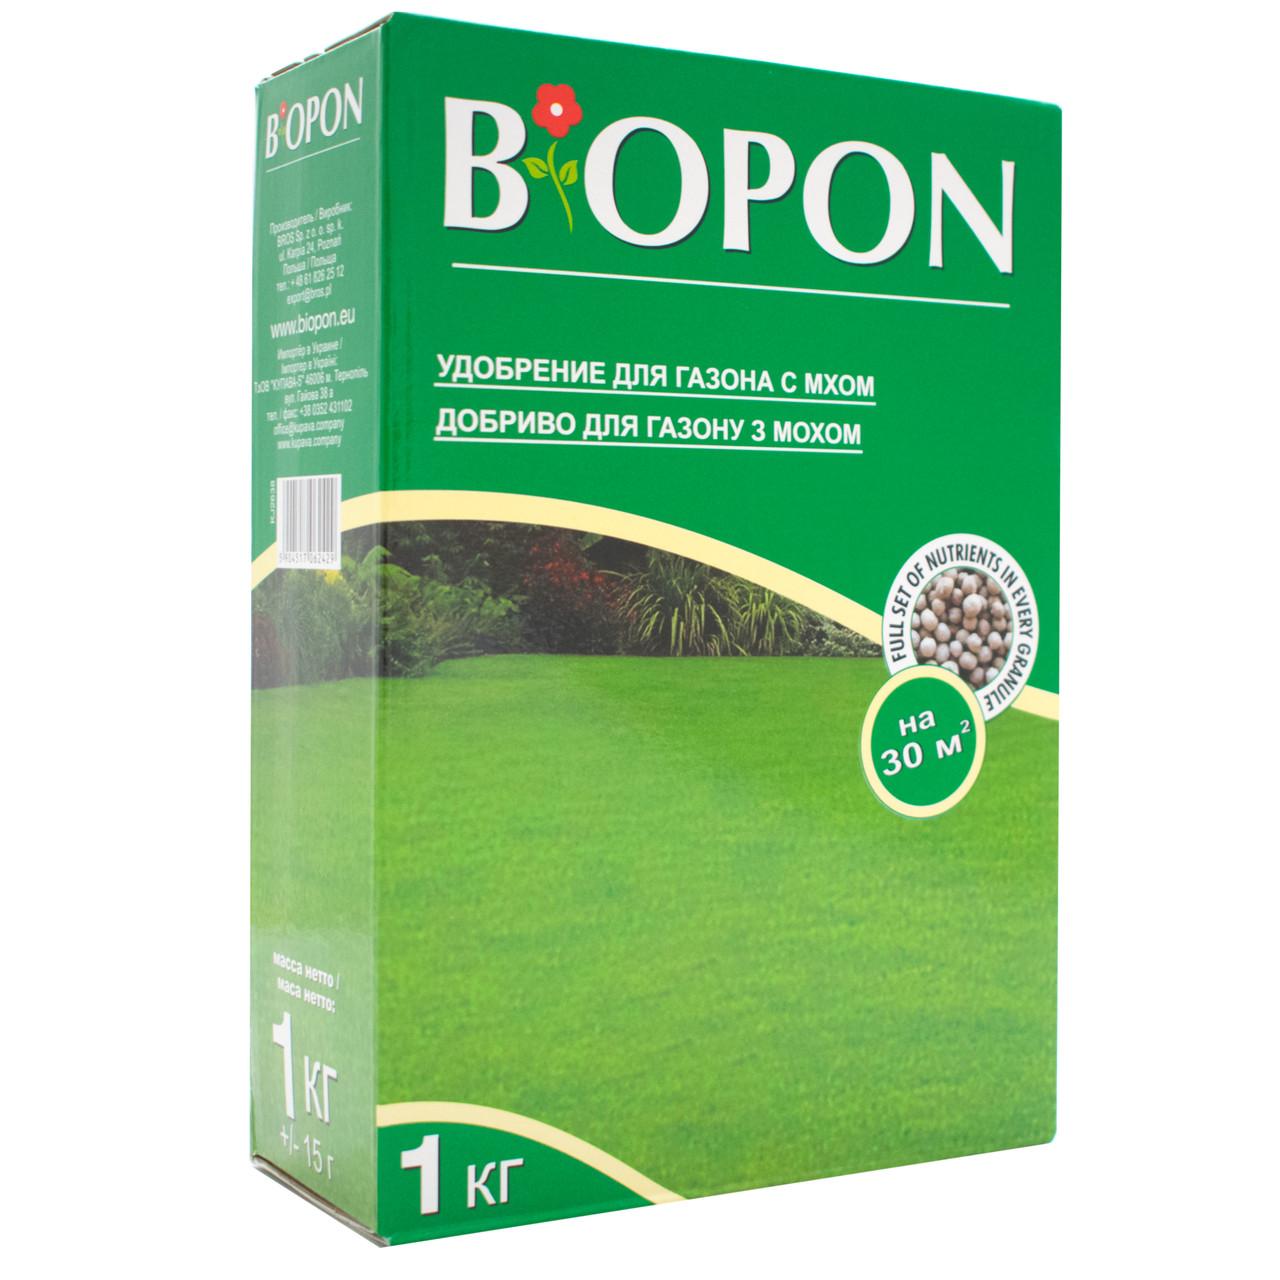 Удобрение Biopon для газона с мхом 1 кг